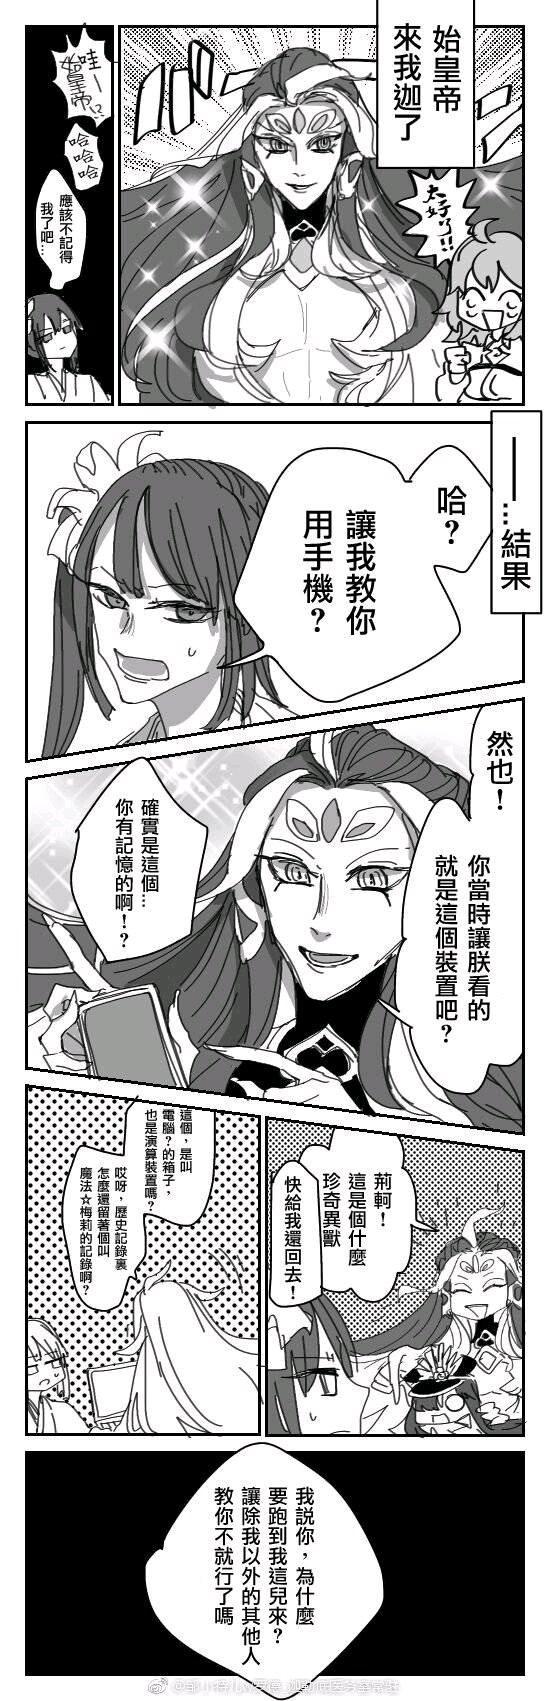 fgo沙雕图:我要一份政哥哥,不要图!表情丰富的秦始皇参上图片